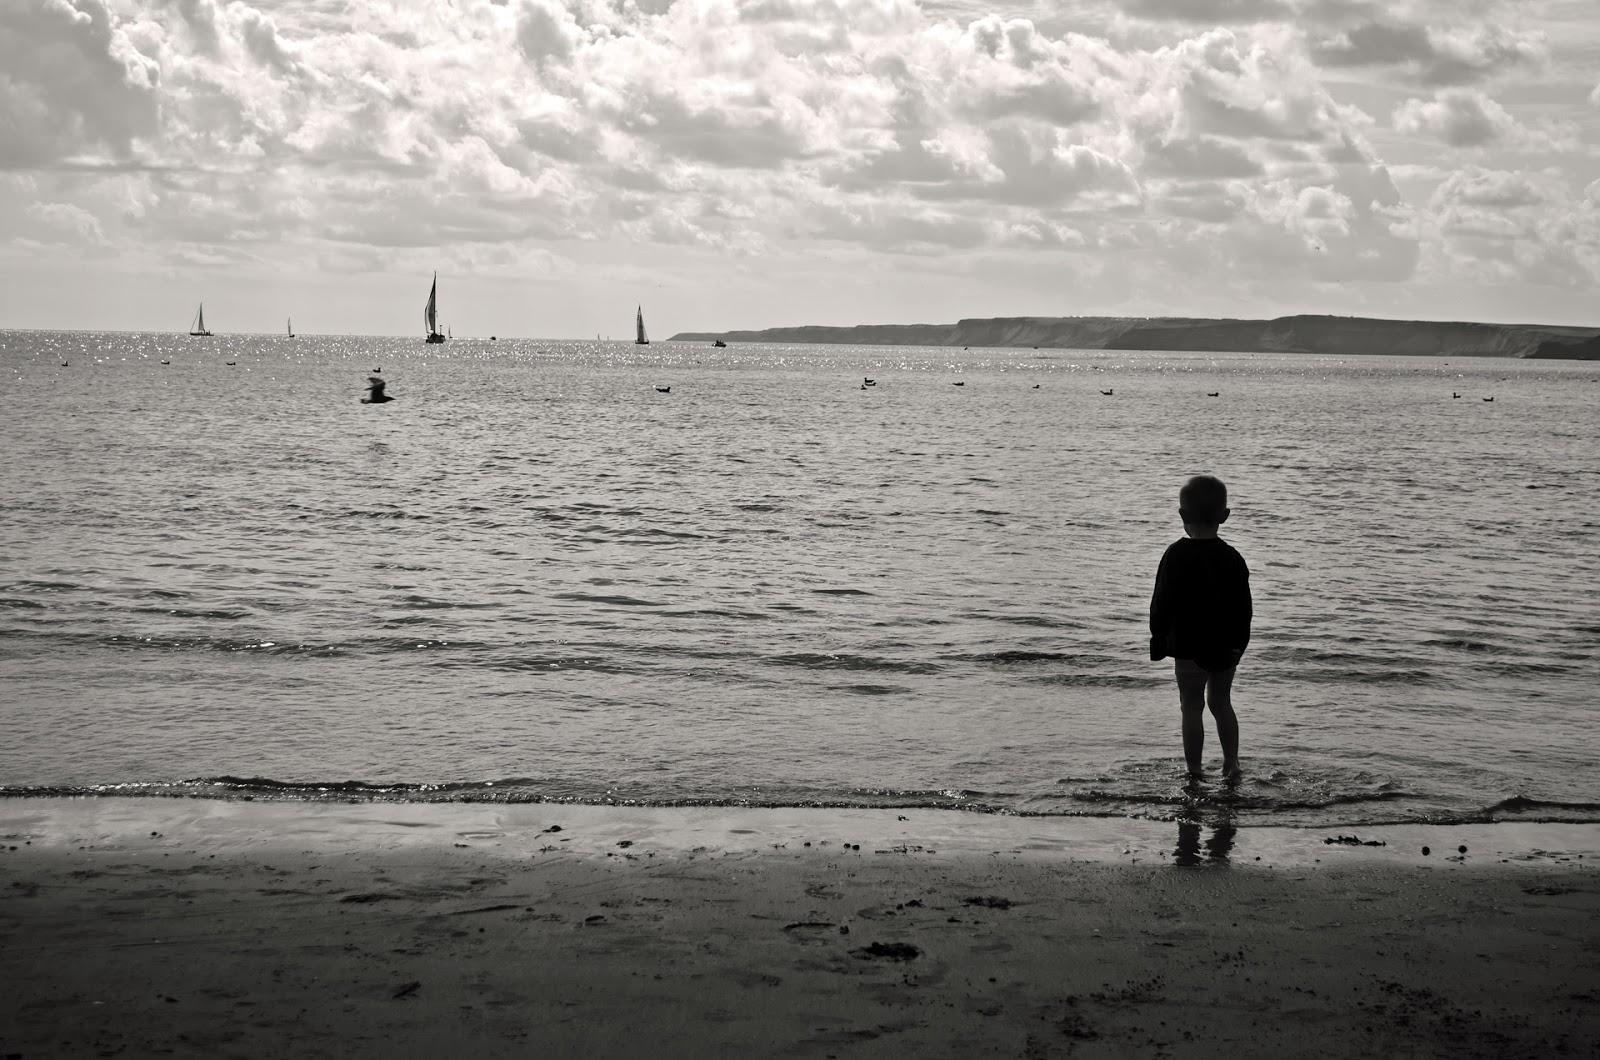 wypoczynek nad wodą, bezpieczeństwo dziecka, czarna flaga nad morzem